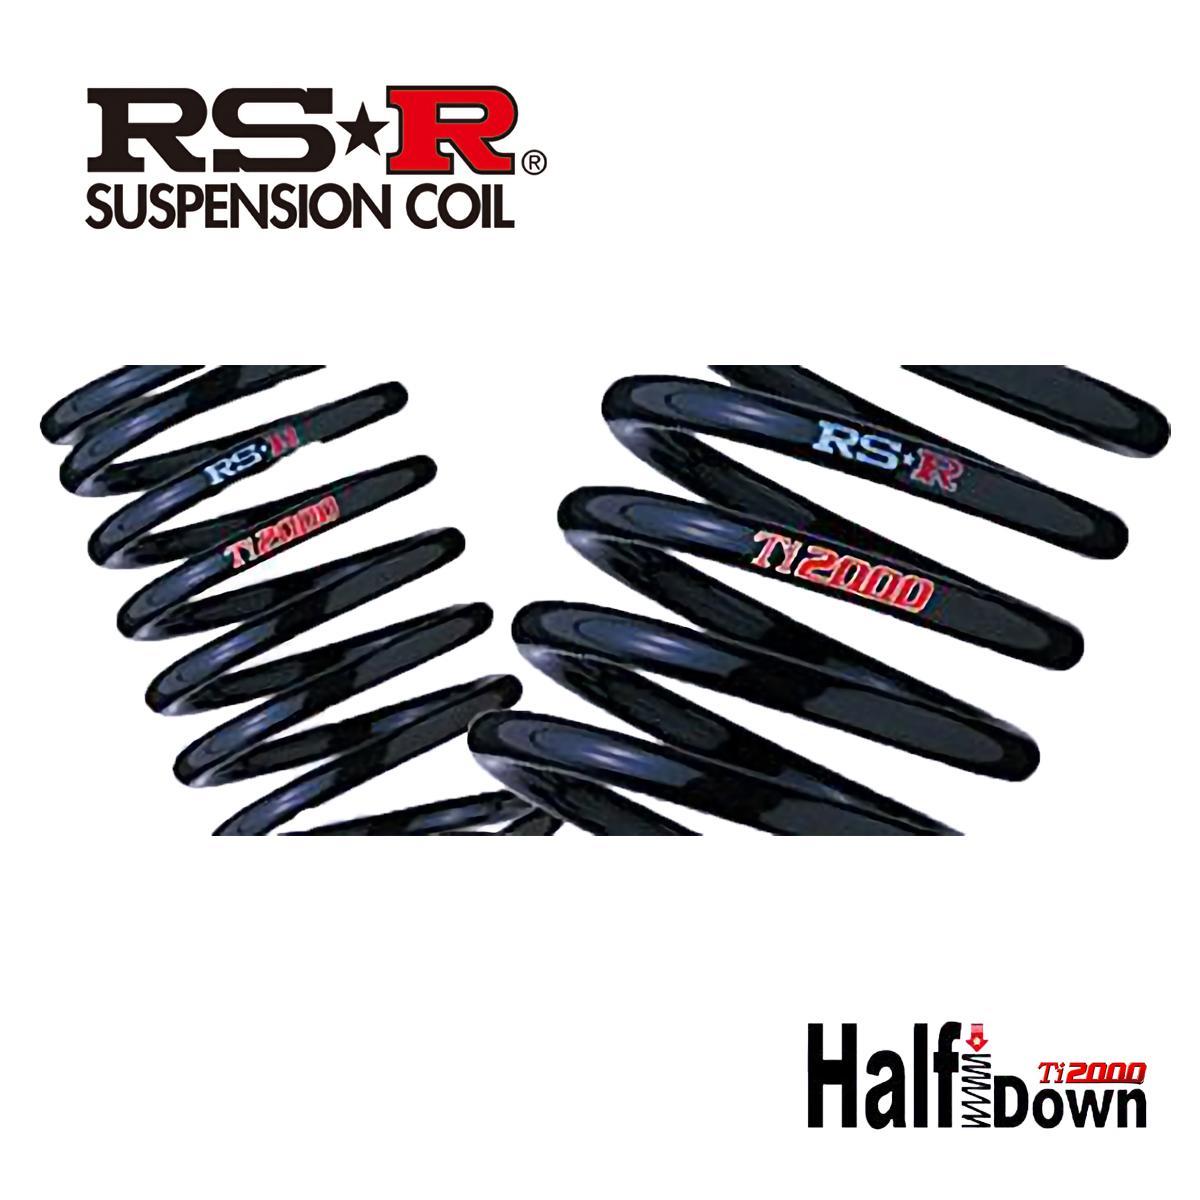 RS-R ワゴンR ハイブリッドFX MH55S ダウンサス スプリング フロント S177THDF Ti2000 ハーフダウン RSR 個人宅発送追金有